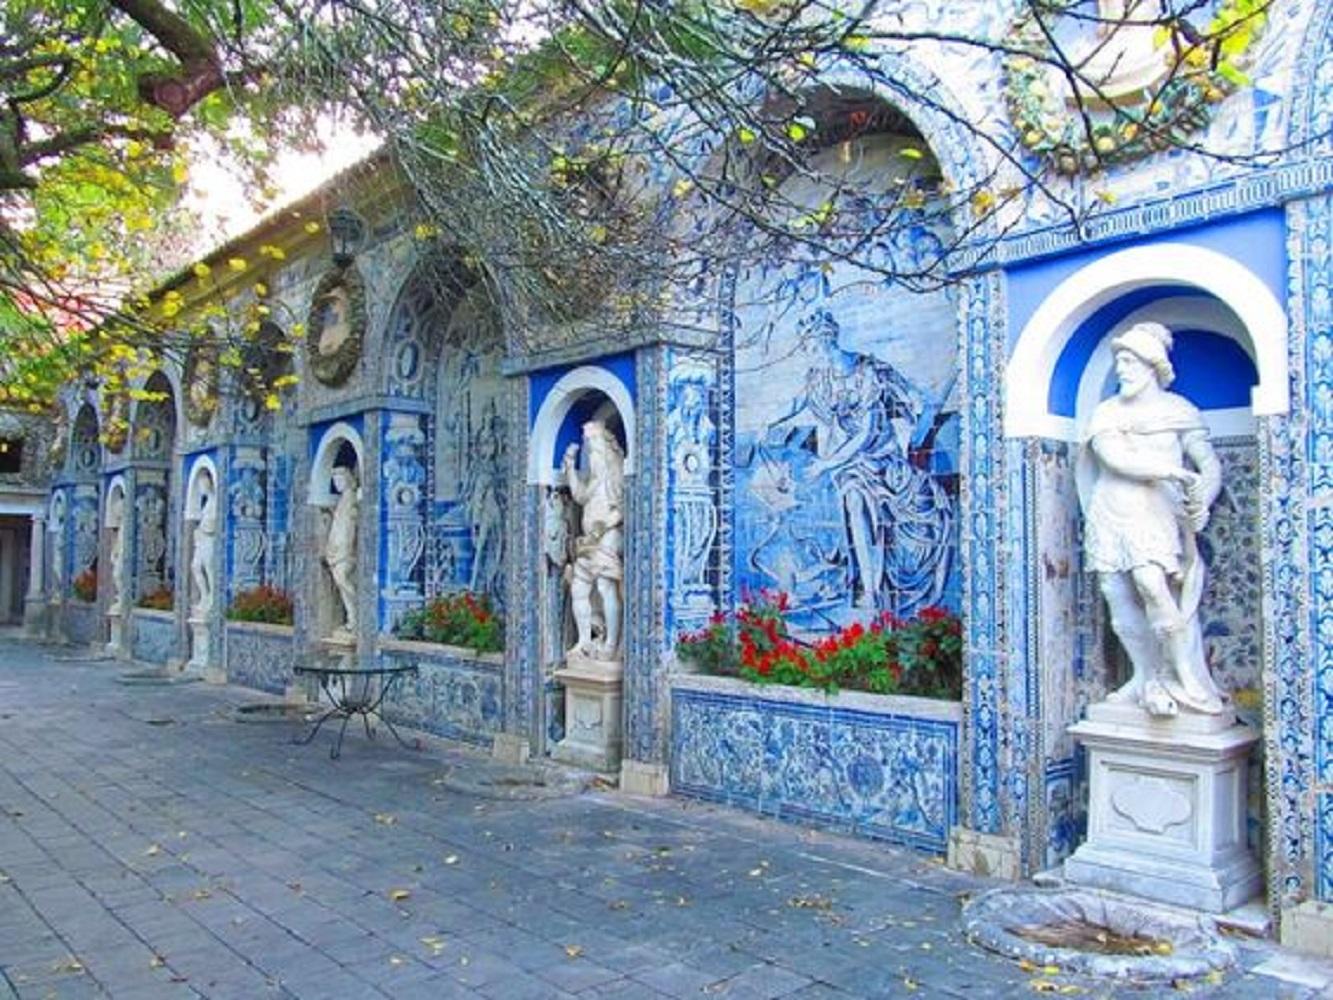 Palácio Fronteira - Tiles